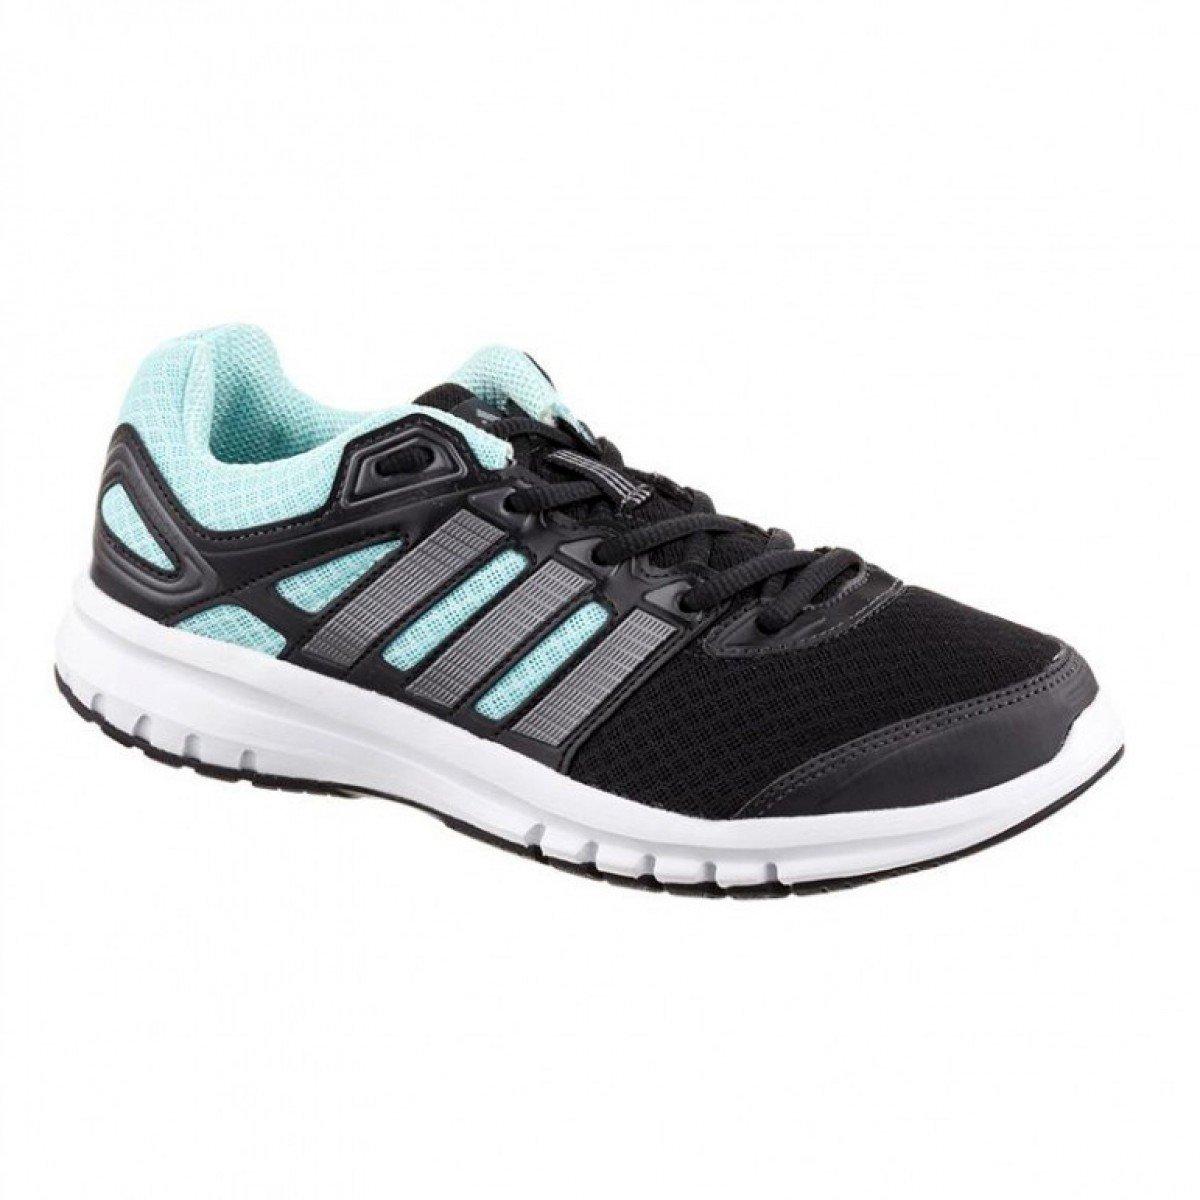 64c854a4f4c Tênis Adidas Duramo 6 Preto Verde Água Feminino - Compre Agora ...